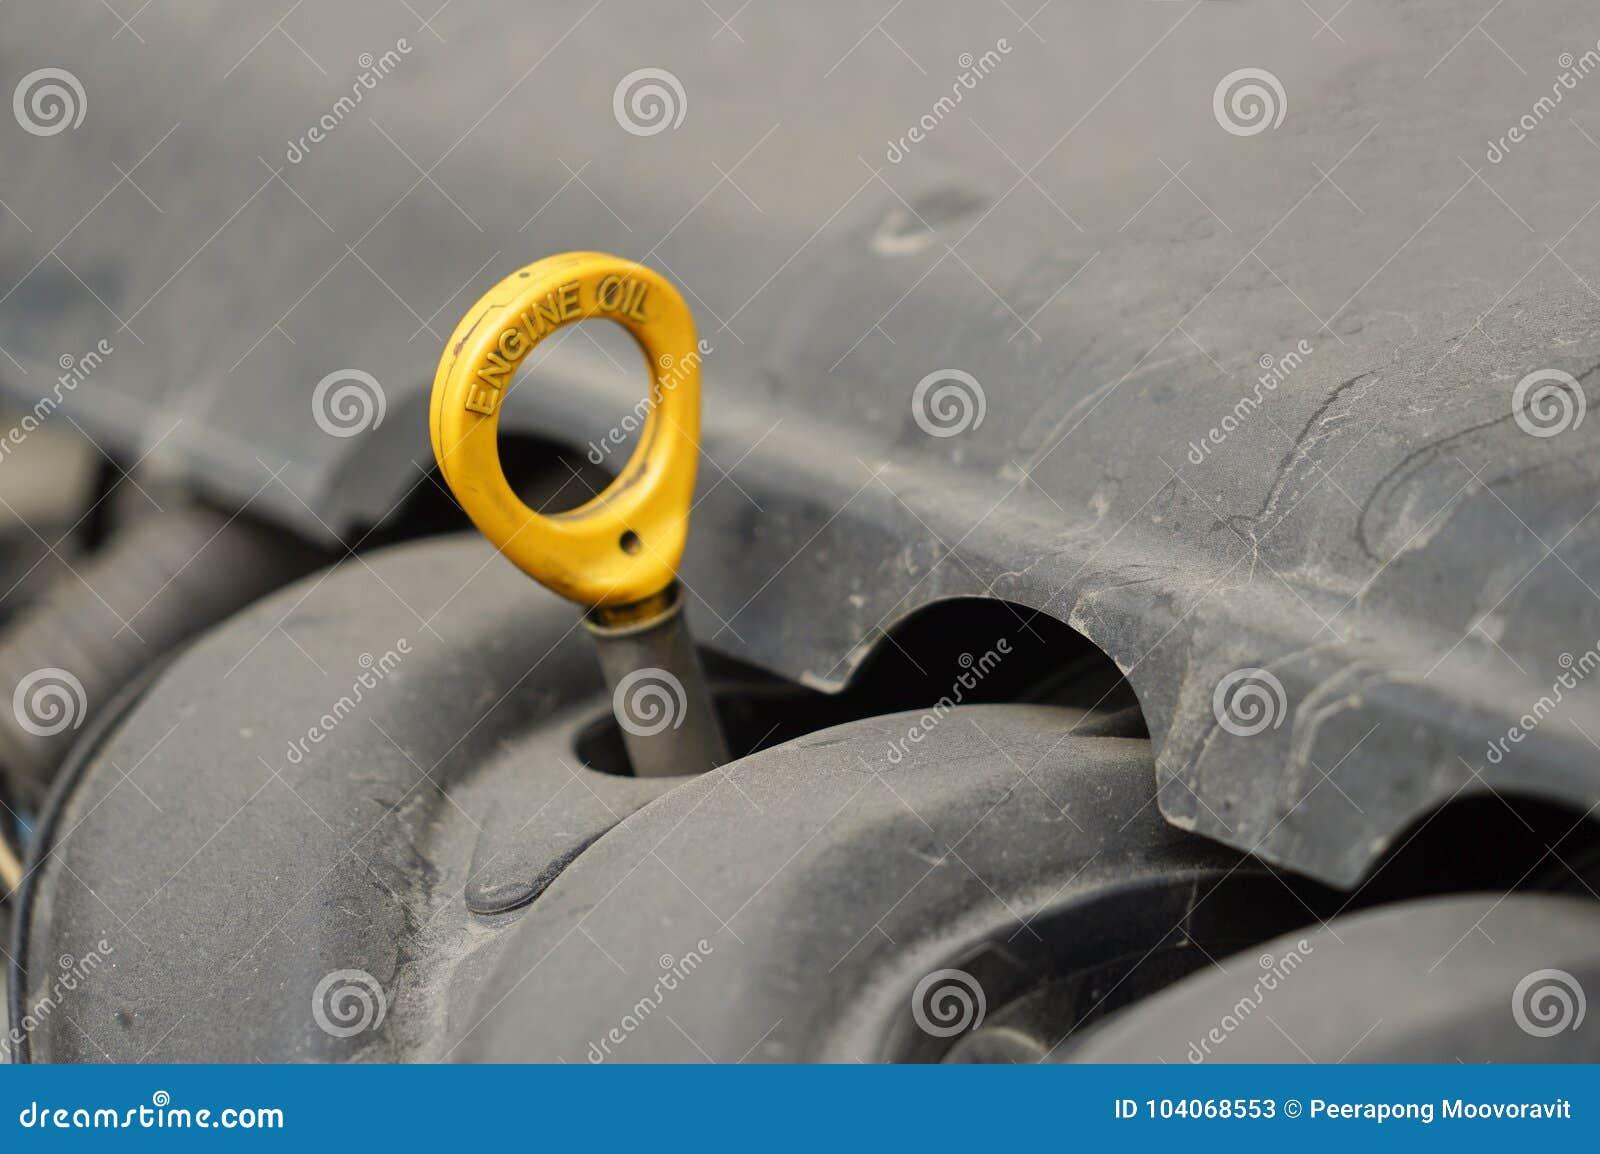 维护油面引擎汽车核对